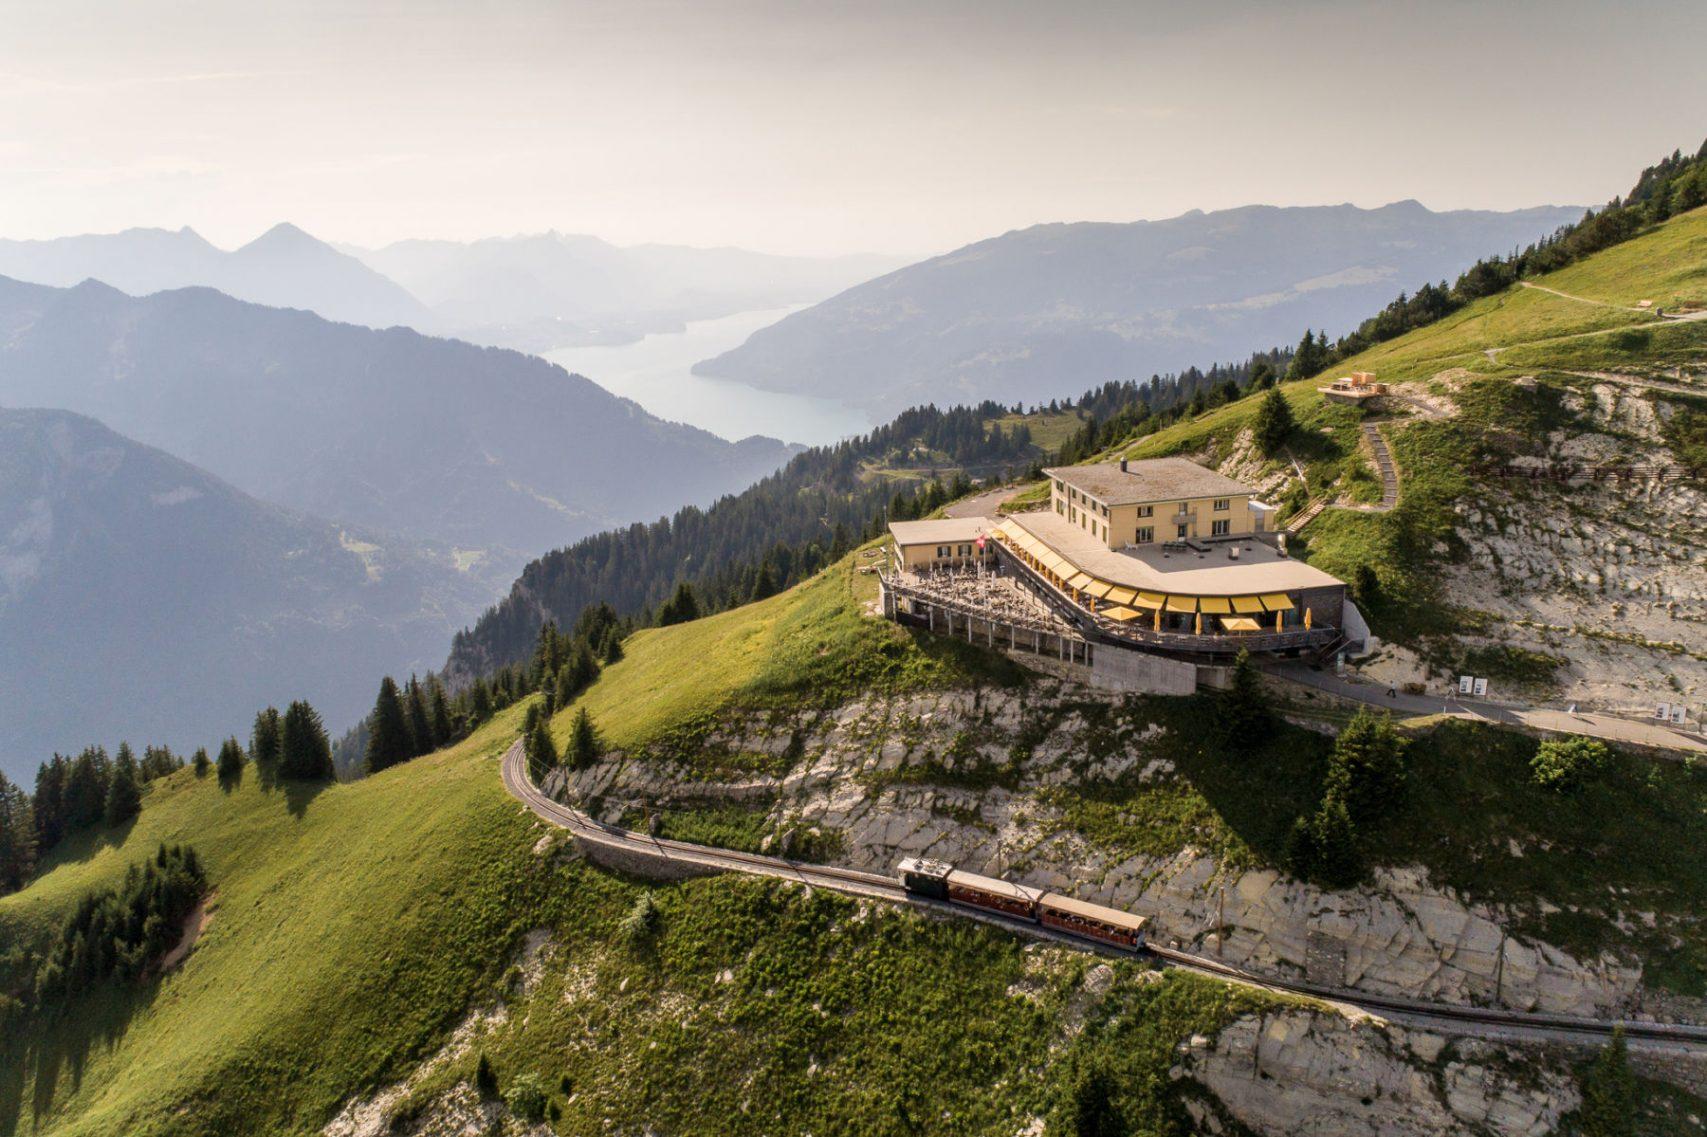 Schynige-Platte-Wandern-Berghotel-Schynige-Platte-Bahn01 © Jungfraubahnen 2019